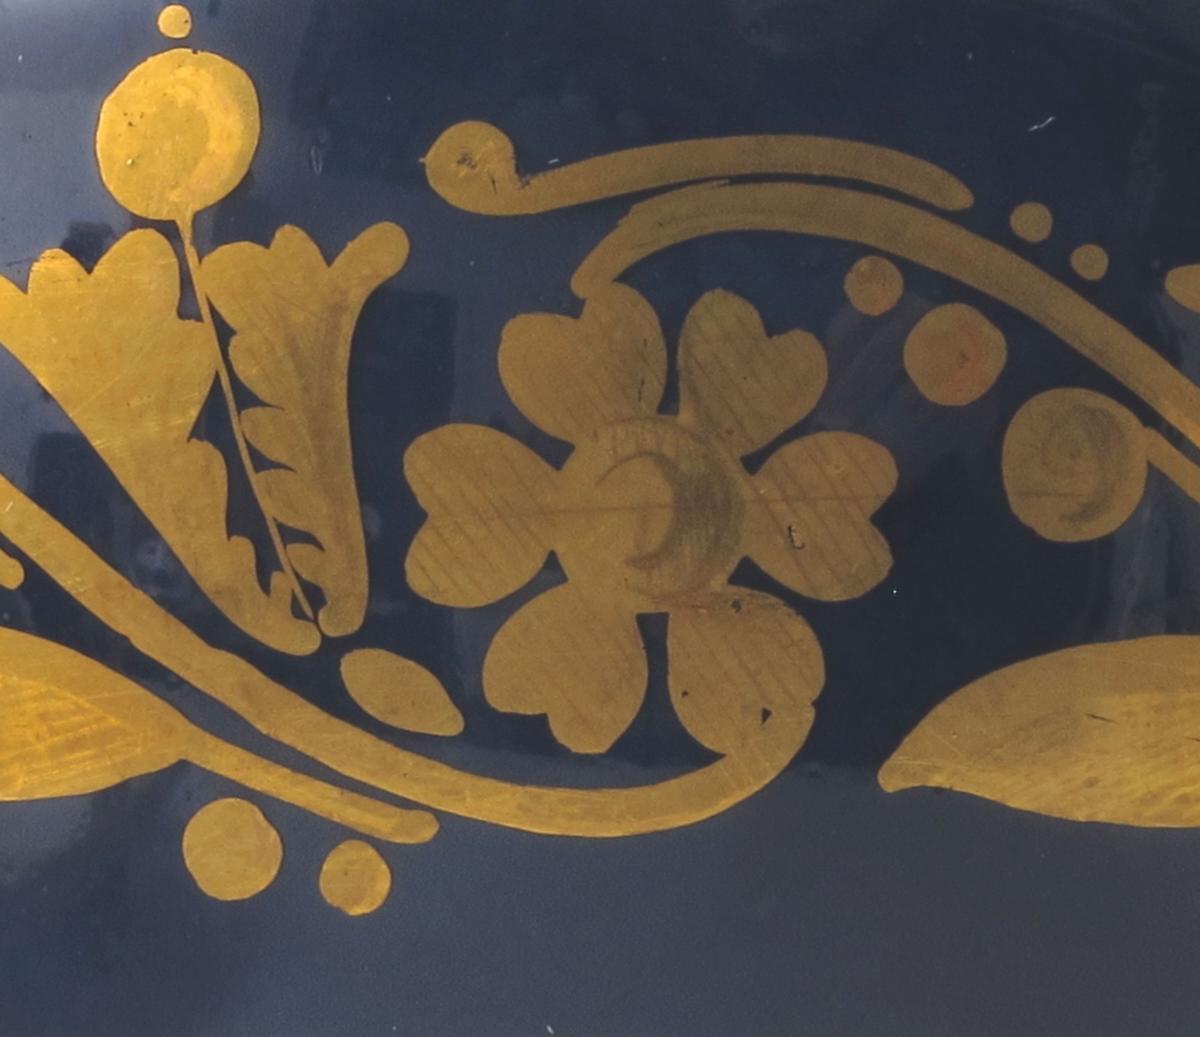 """A) Kopp: Empirefor. Høy, smalner av ned mot hvelvet fot. Innsvunget øverst mot utsvunget. munning. Forgylling fortsetter innvendig langt ned i koppen. På yttersiden forgyllet bord av blad og blomster på dypblå bunn. Lenger nede enda en forgyllet bord. Høy hank.   B) Skål: Flatt hvitt speil med to forgylte ringer i sentrum. Blå sider med forgyllet dekor og kant.    Malt under bunnen på kopp og skål: Grønn """"hval""""."""